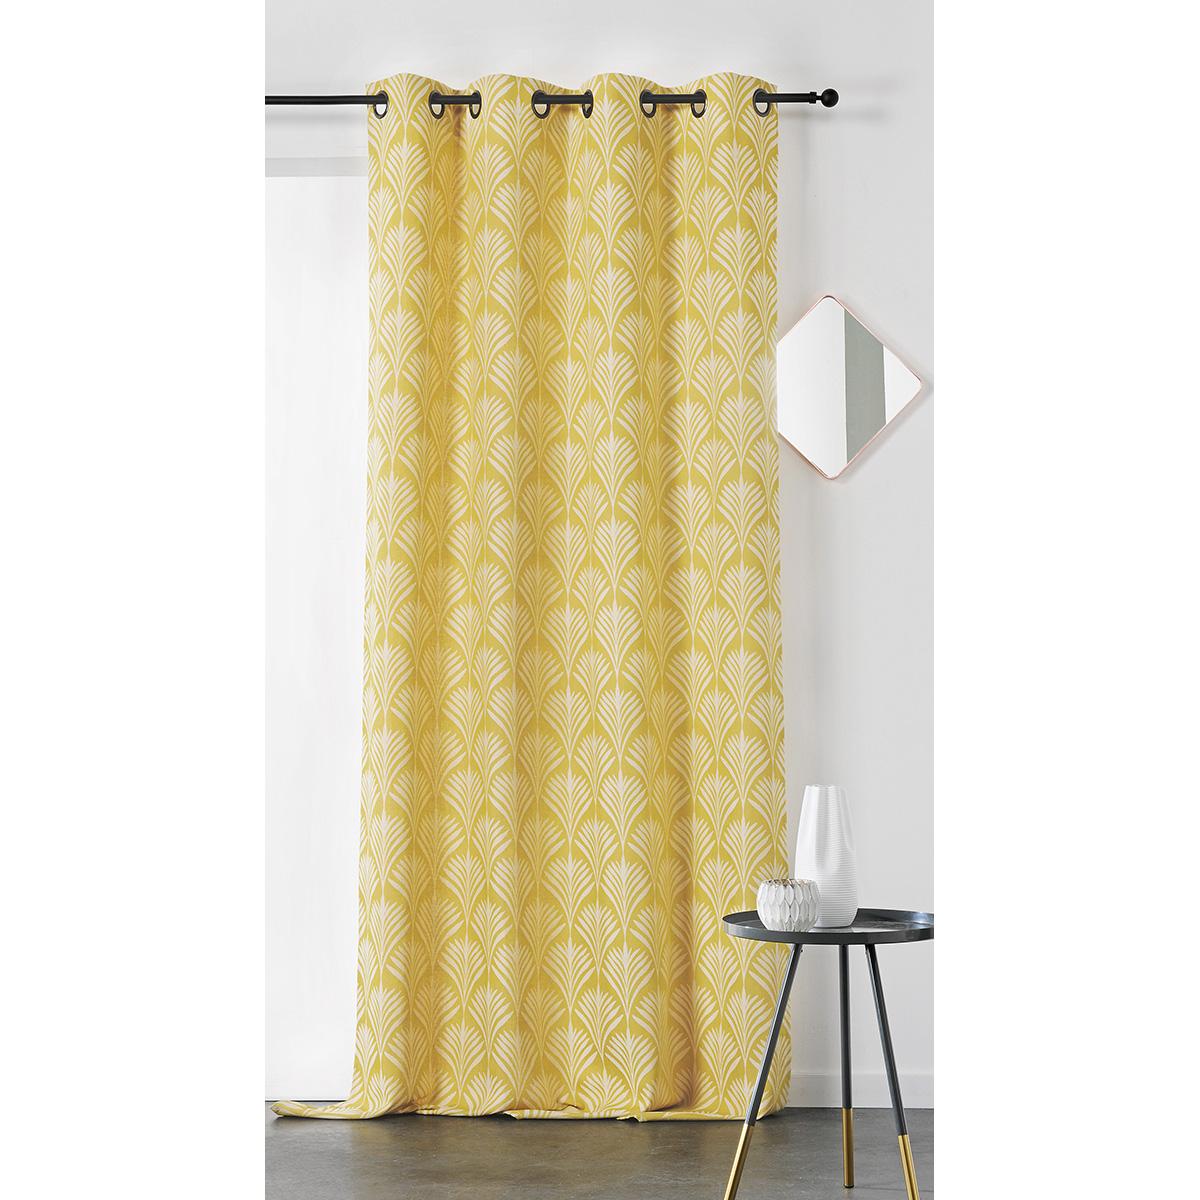 Rideau esprit art nouveau coton jaune 240x140